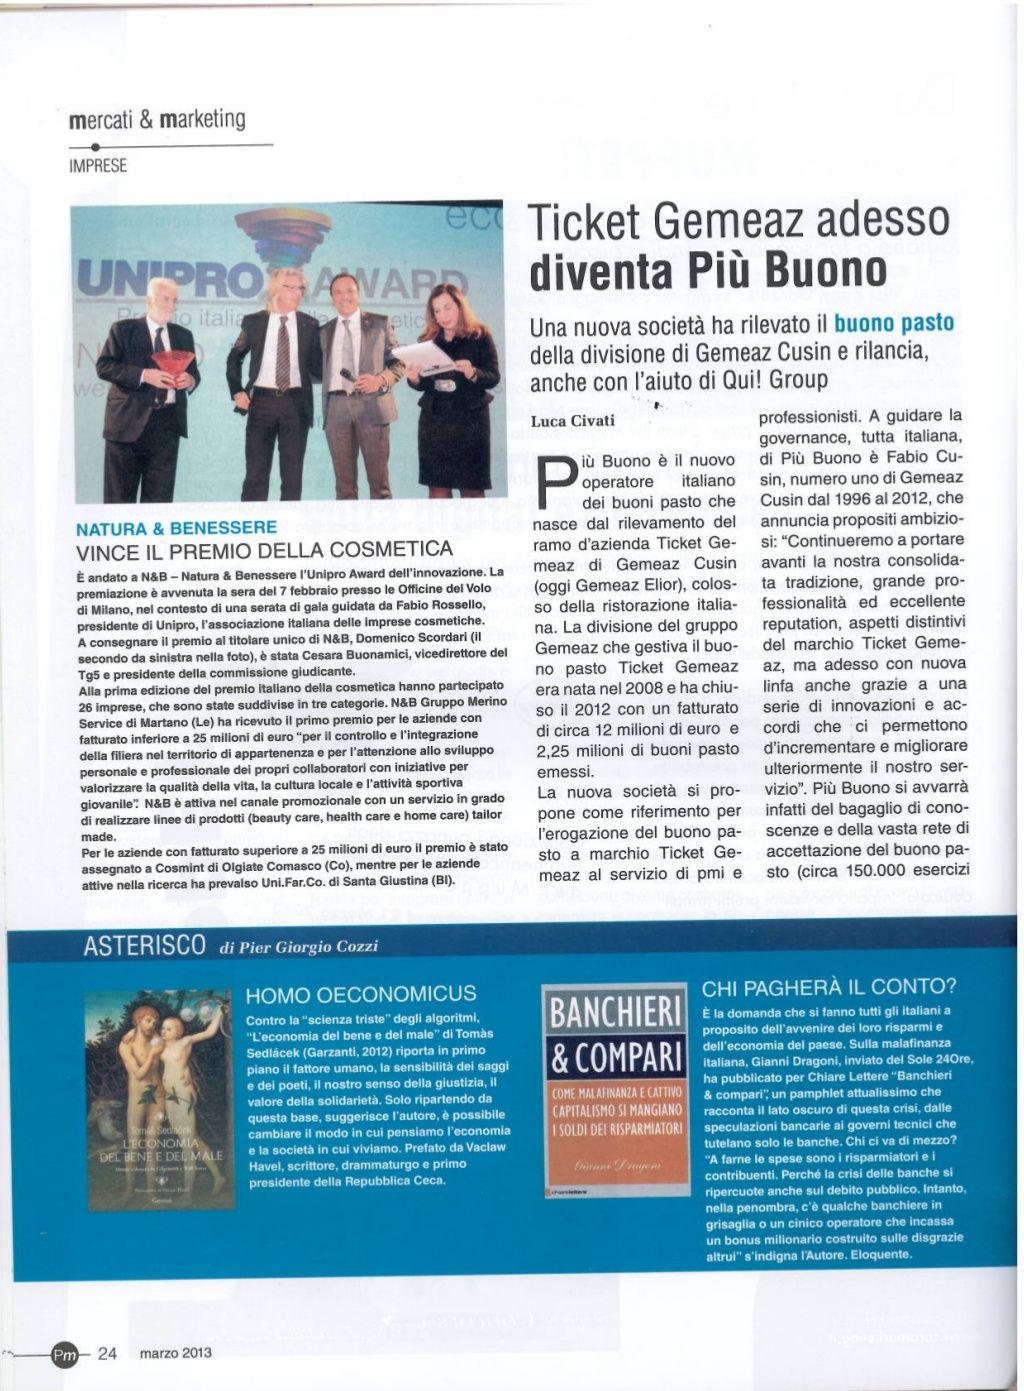 promotion-magazine-03 13 Ticket gemeaz diventa Più Buono ed entra a far parte del gruppo Qui! Group di Gregorio Fogliani